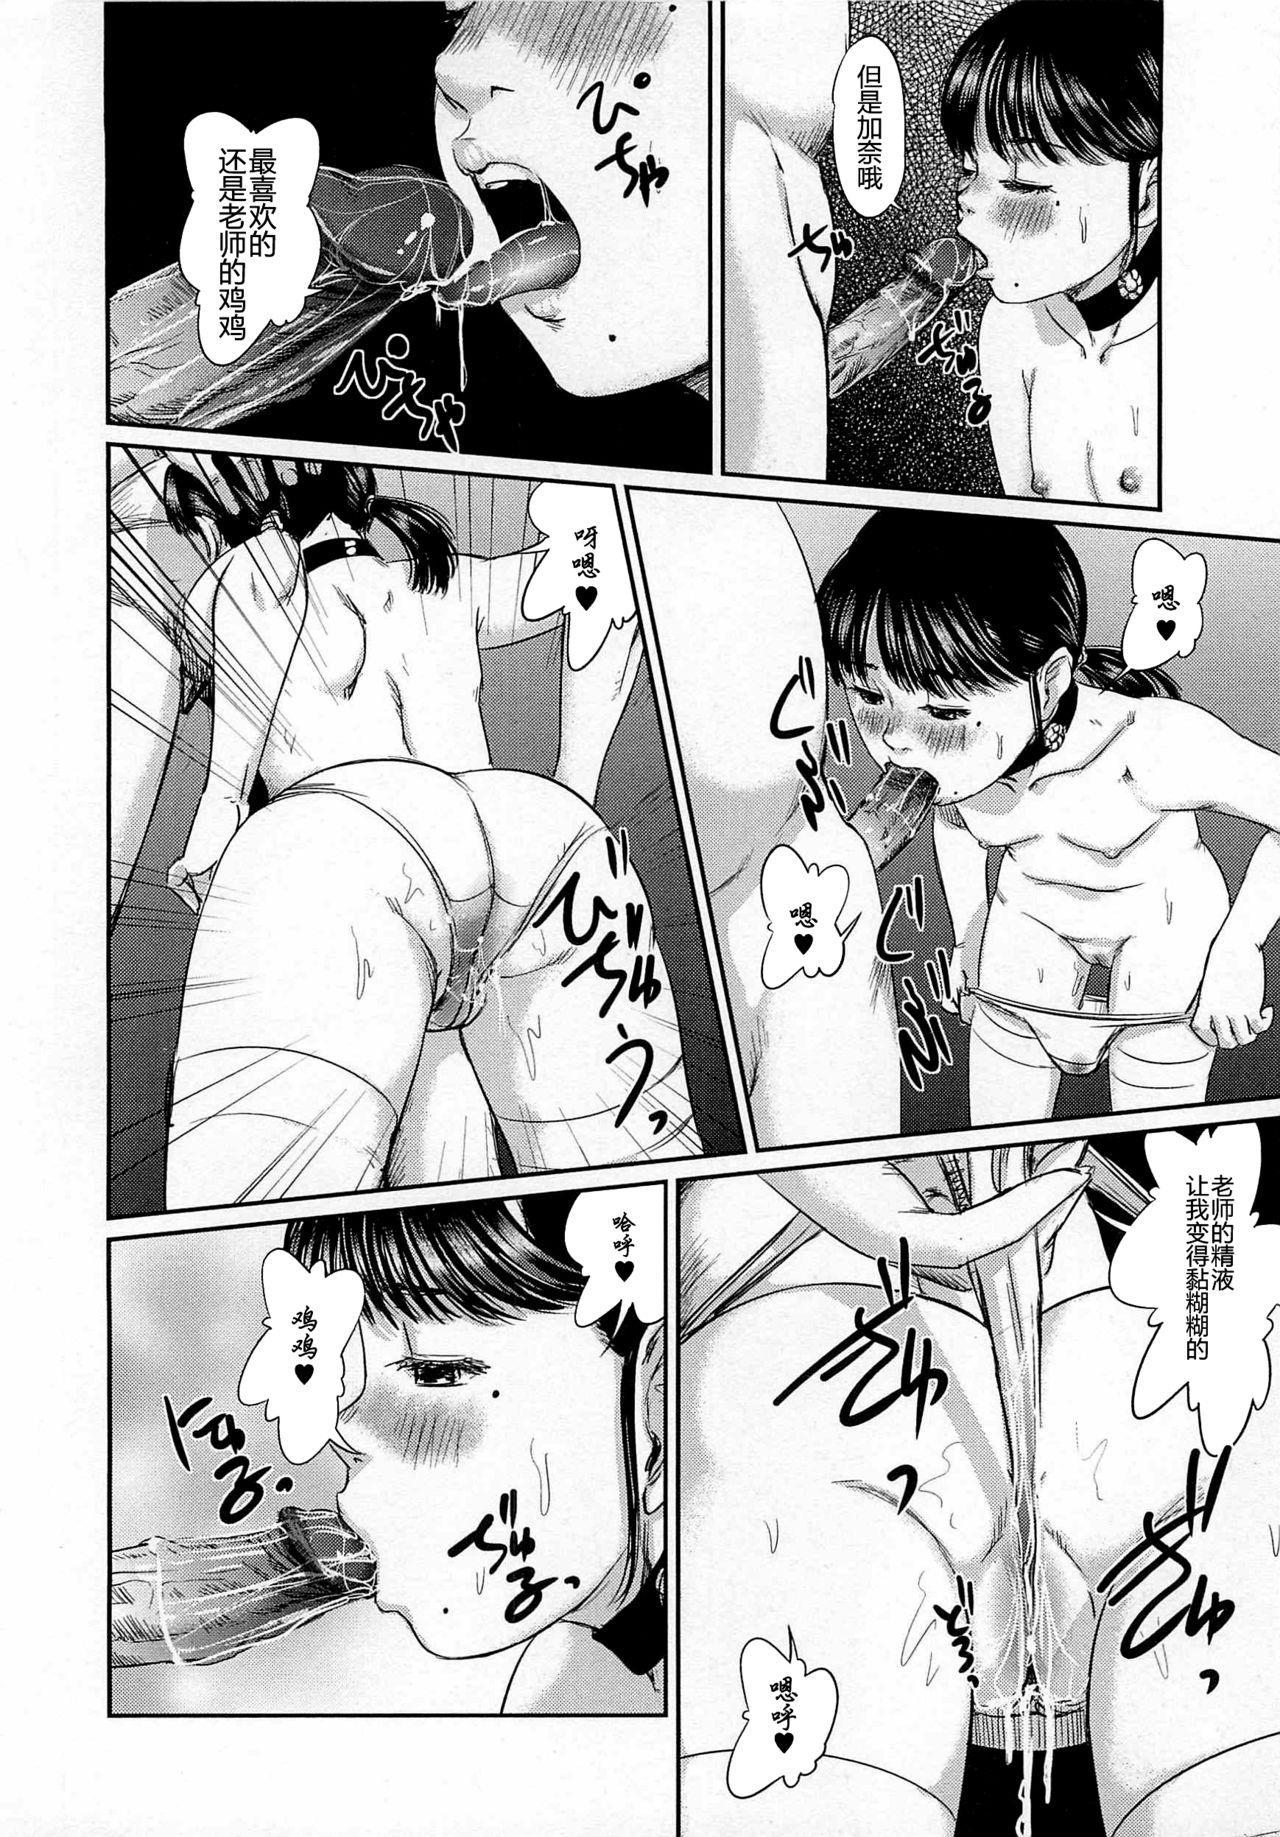 Daisenkou ~ Shin Dokuhime no Mitsu 173